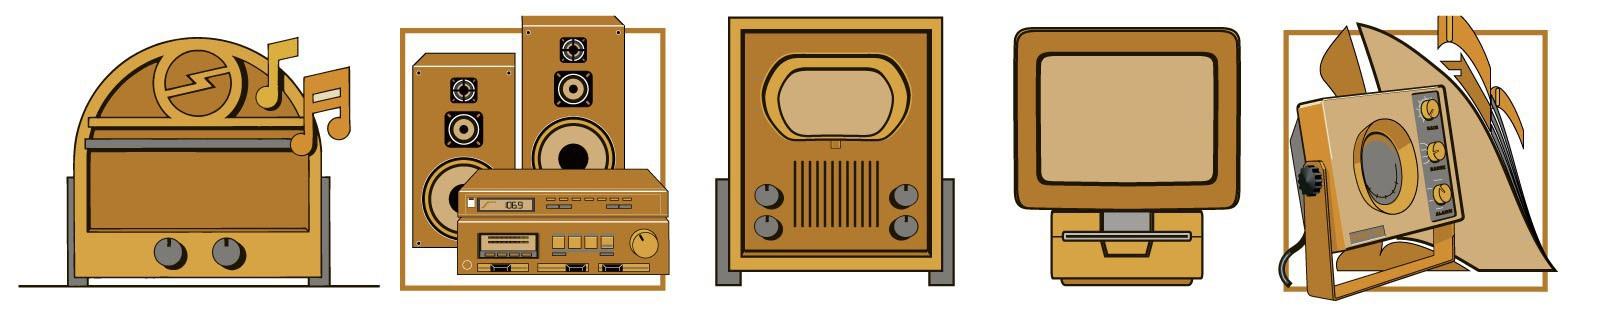 """Thematentoonstelling """"70 jaar bevrijding"""" met radio en zendapparatuur in het Rotterdams Radio Museum"""